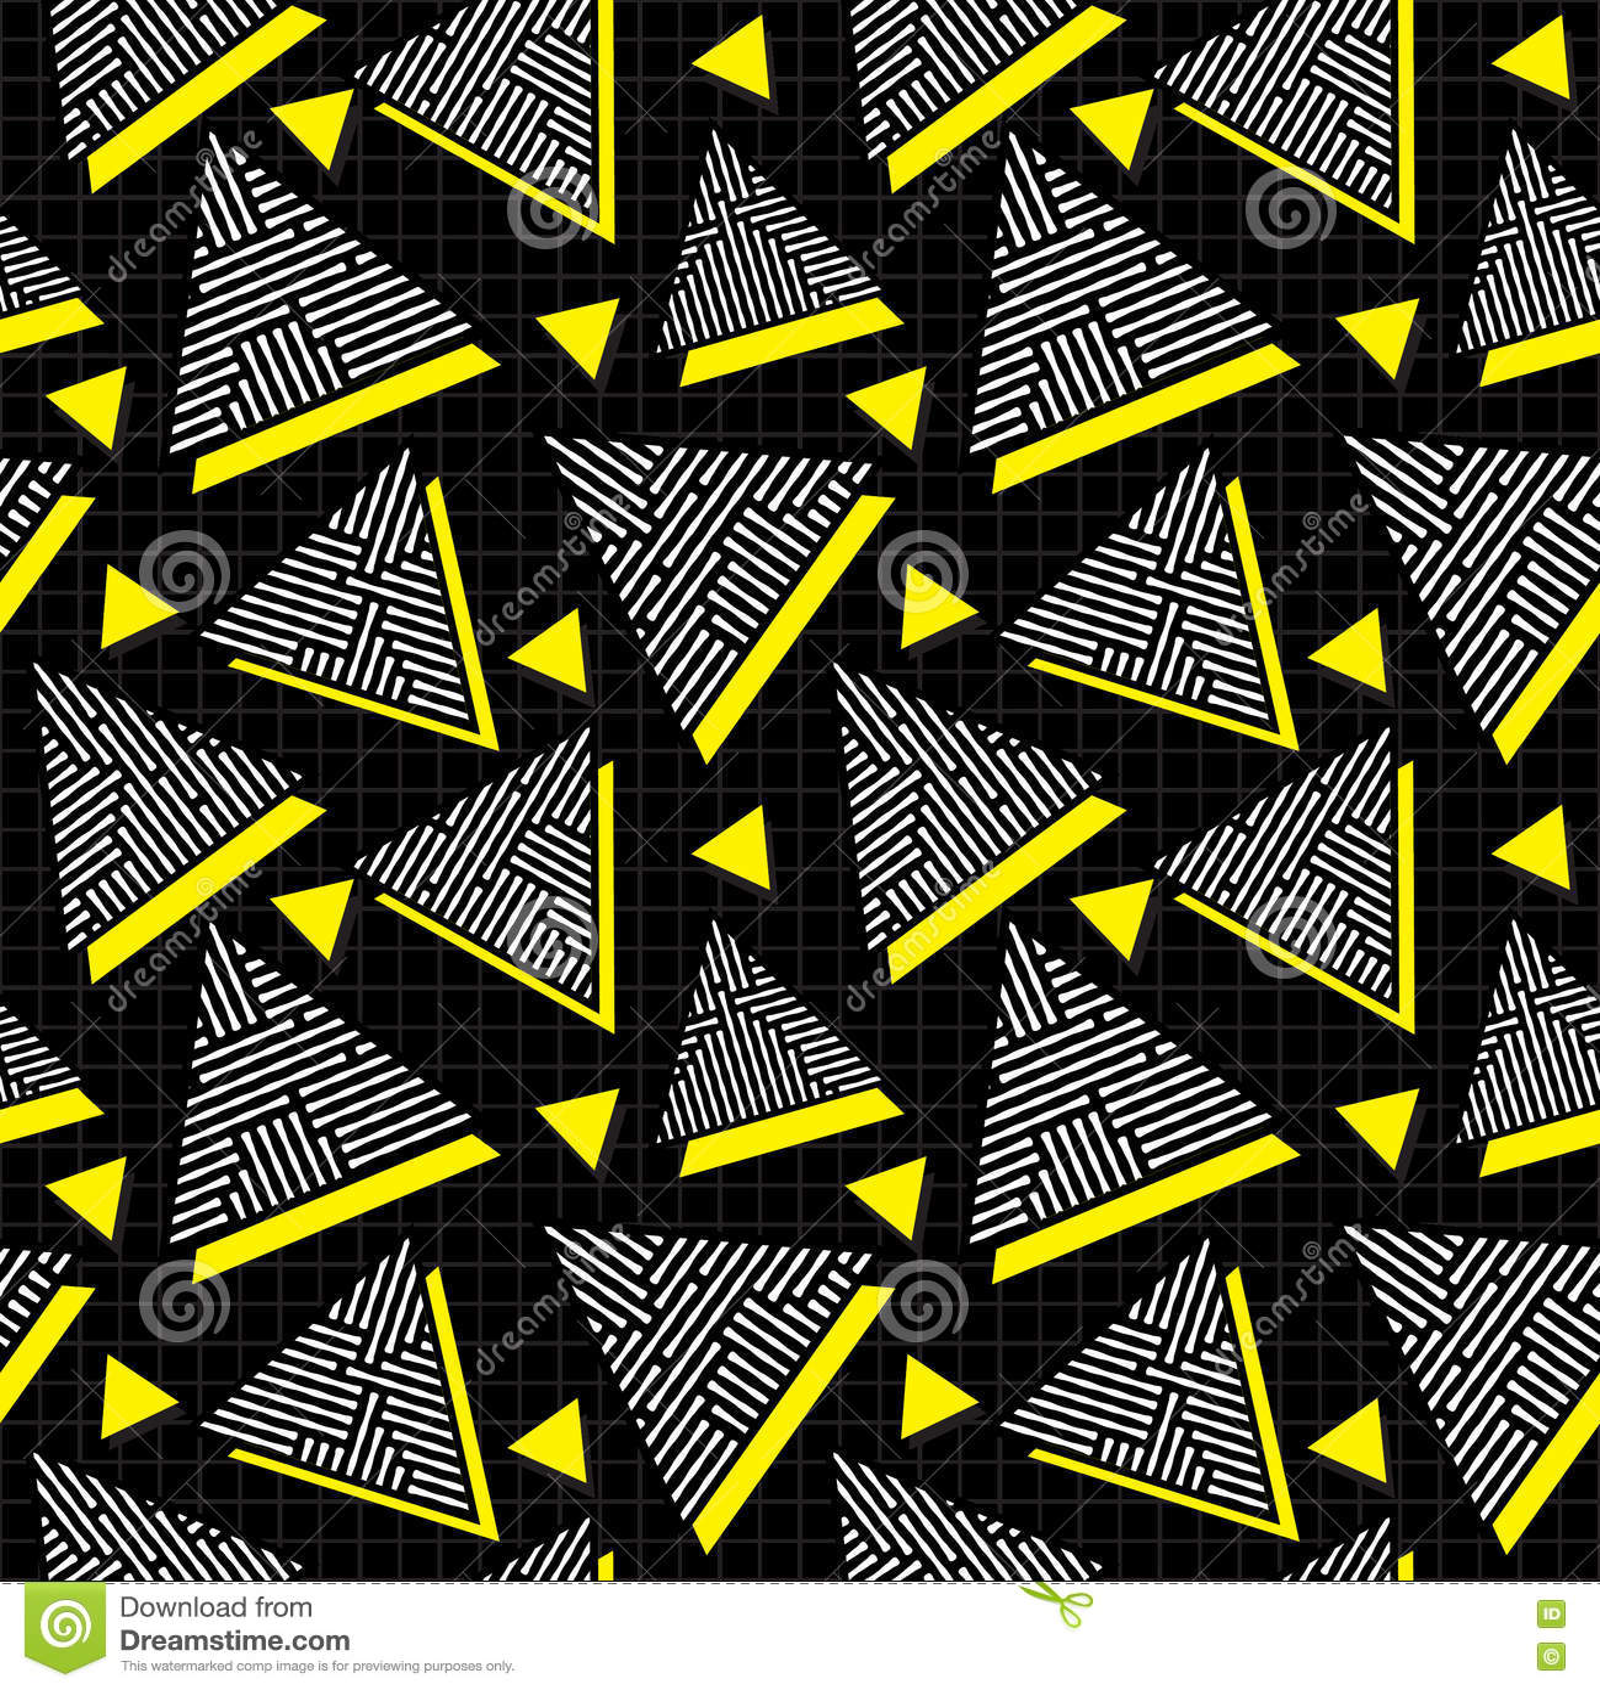 Vector nahtlose schwarze weiße gelbe Weinleseachtziger jahre Dreieck-Durcheinander-Linie Muster auf quadratischem Gitter